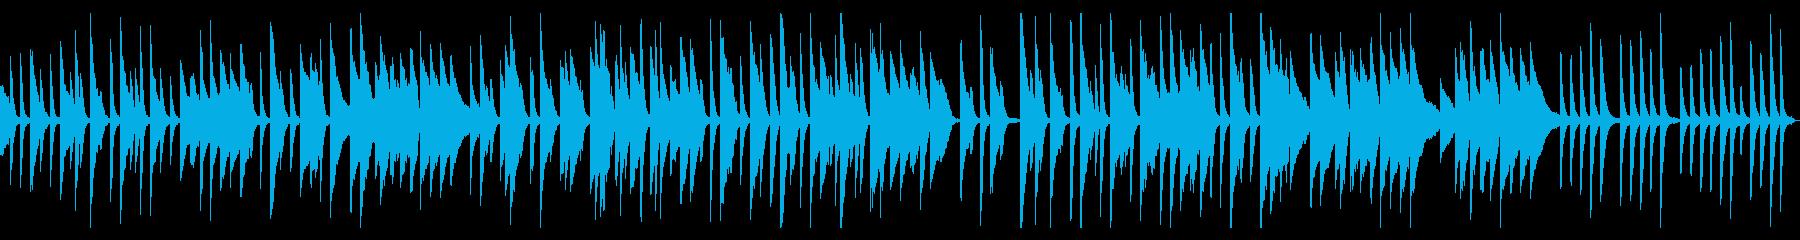 ピアノの軽くてかわいいワルツの再生済みの波形